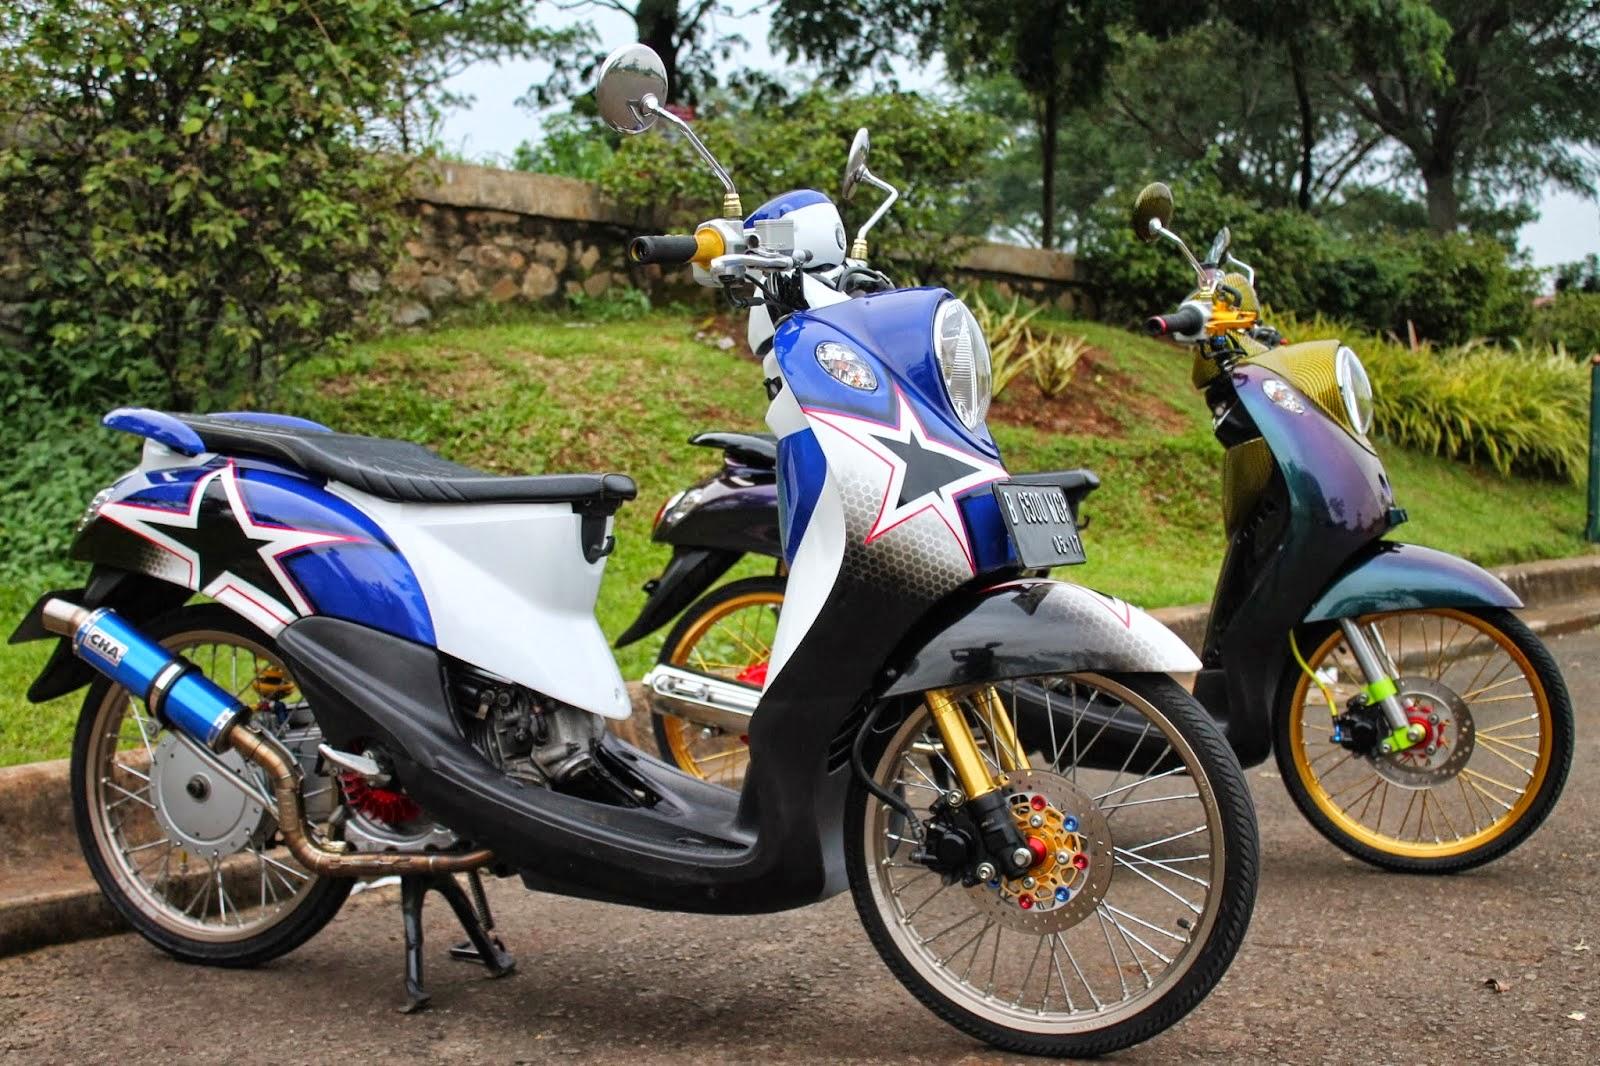 kumpulan modifikasi motor matic fino terlengkap - dunia motor